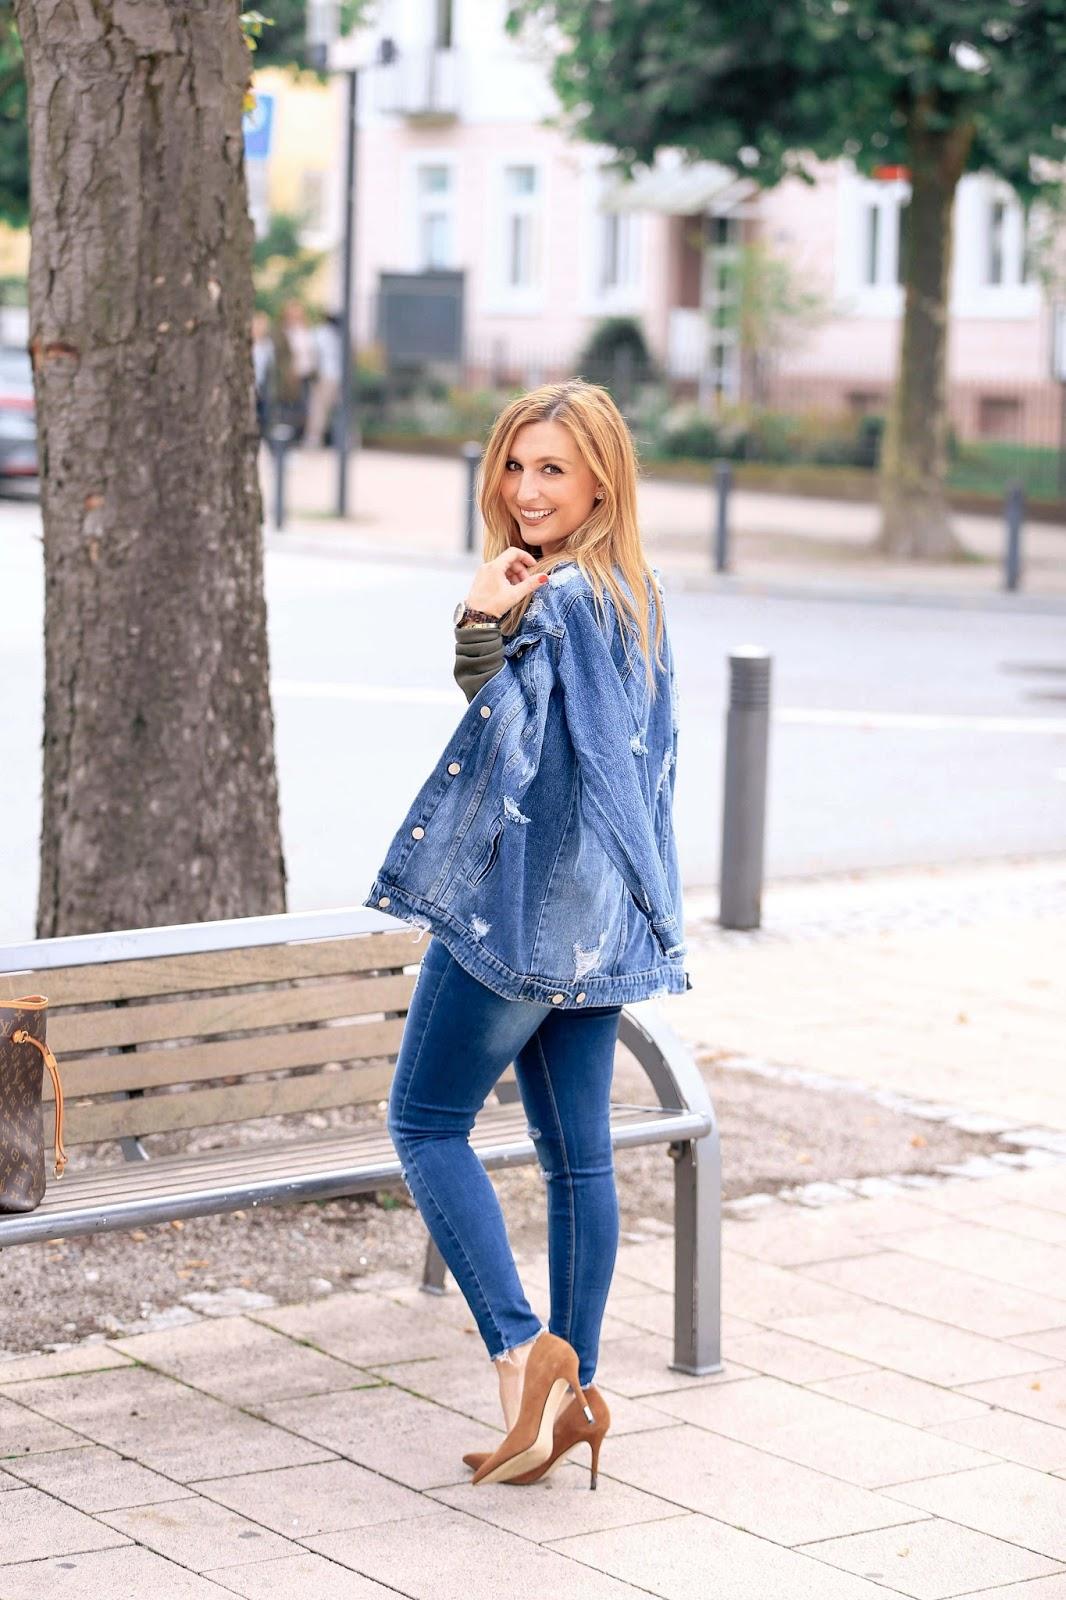 Fashionstylebyjohanna-Louisvuitton-neverfull-bloggerstyle-deutsche-fashionblogger-blogger-aus-deutschland-frankfurt-blogger-aus-frankfurt